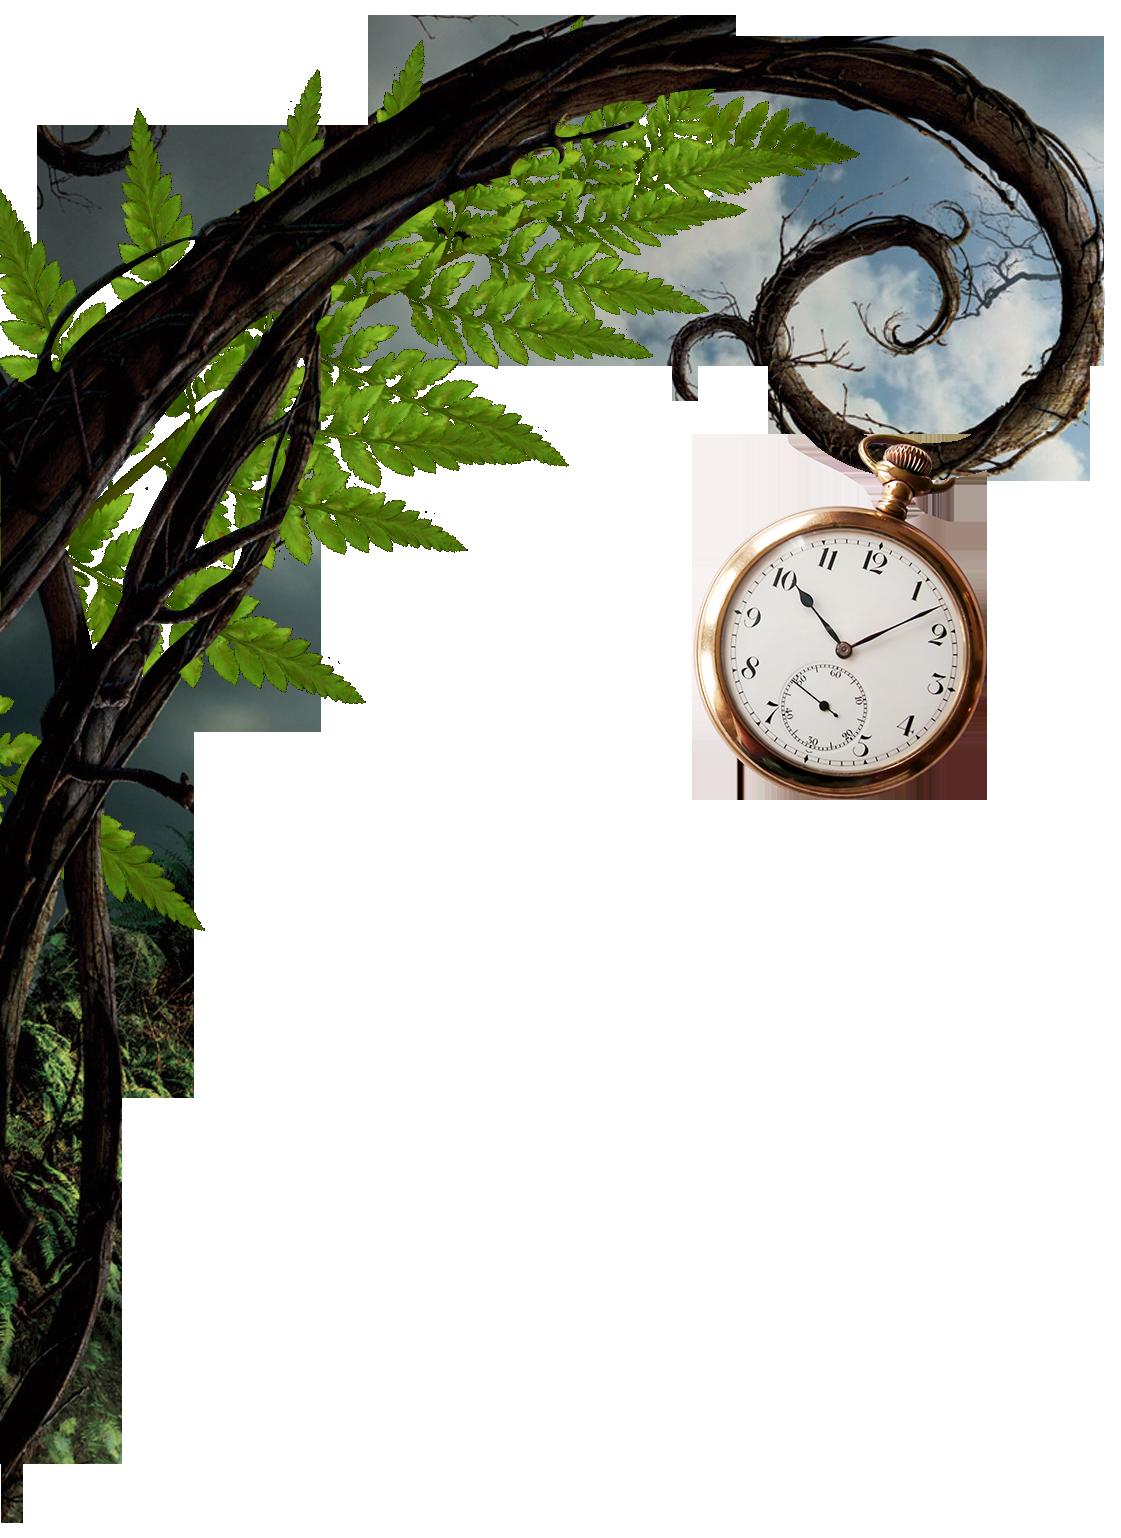 Wonderland-vine-and-watch